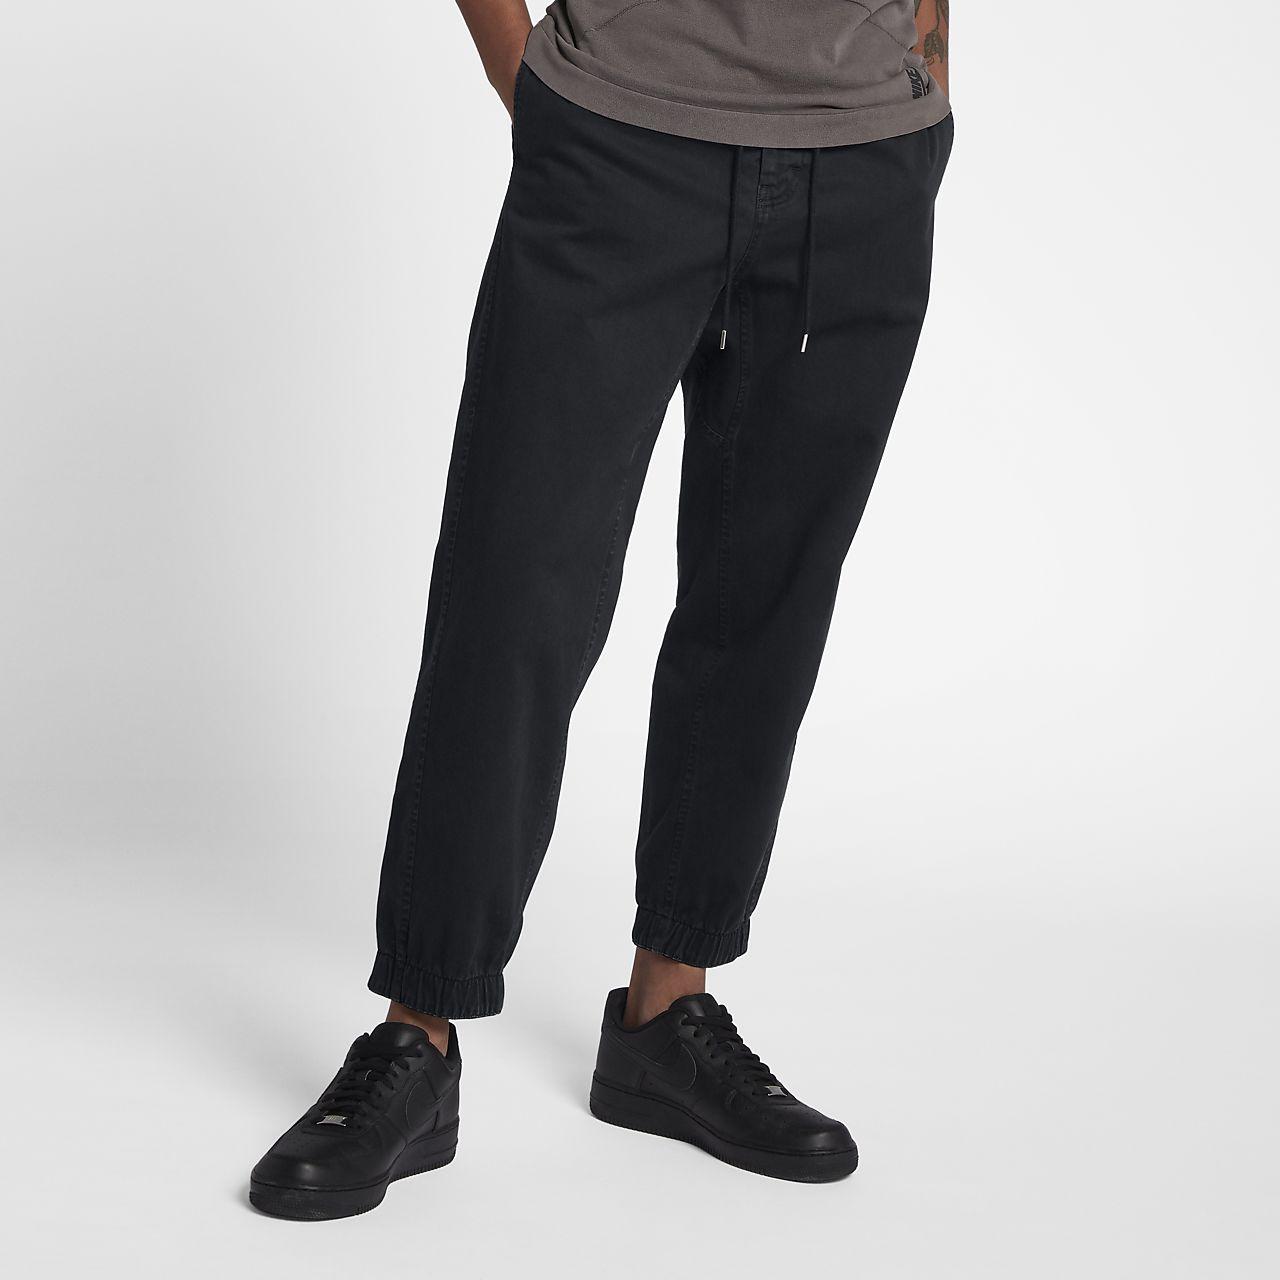 Pantalon tissé NikeLab Made in Italy pour Homme